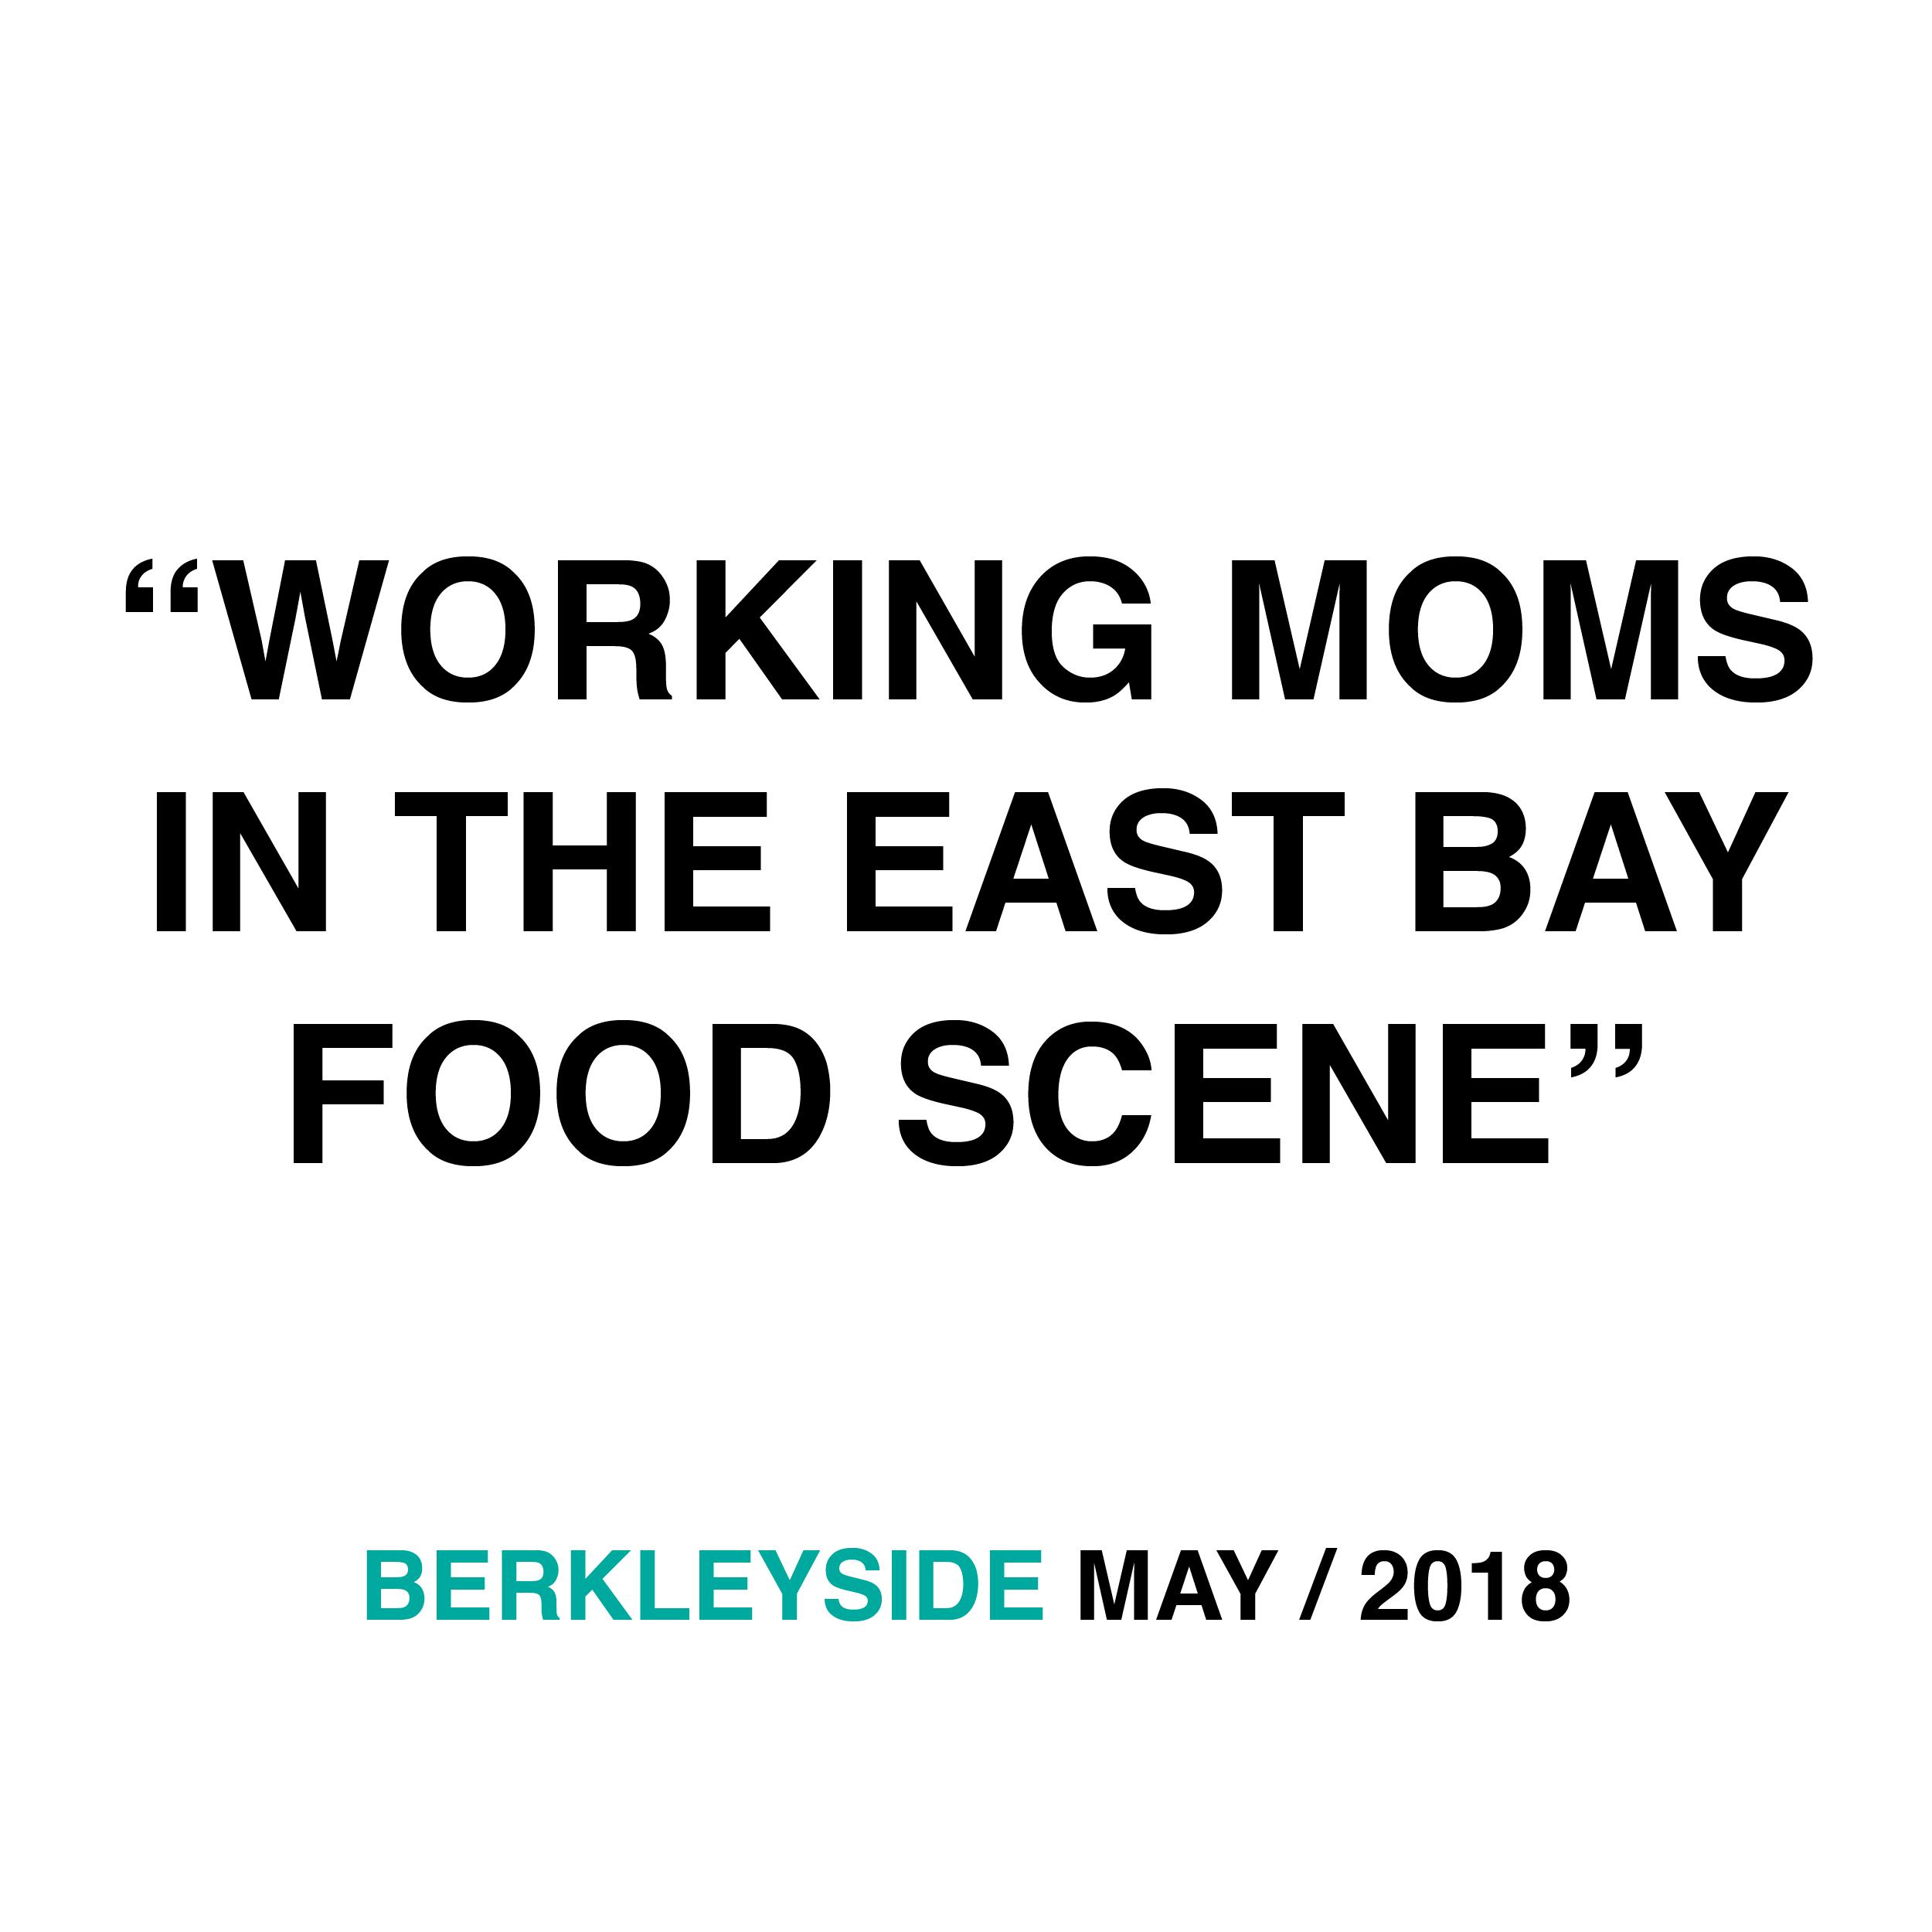 workingmoms-01.png